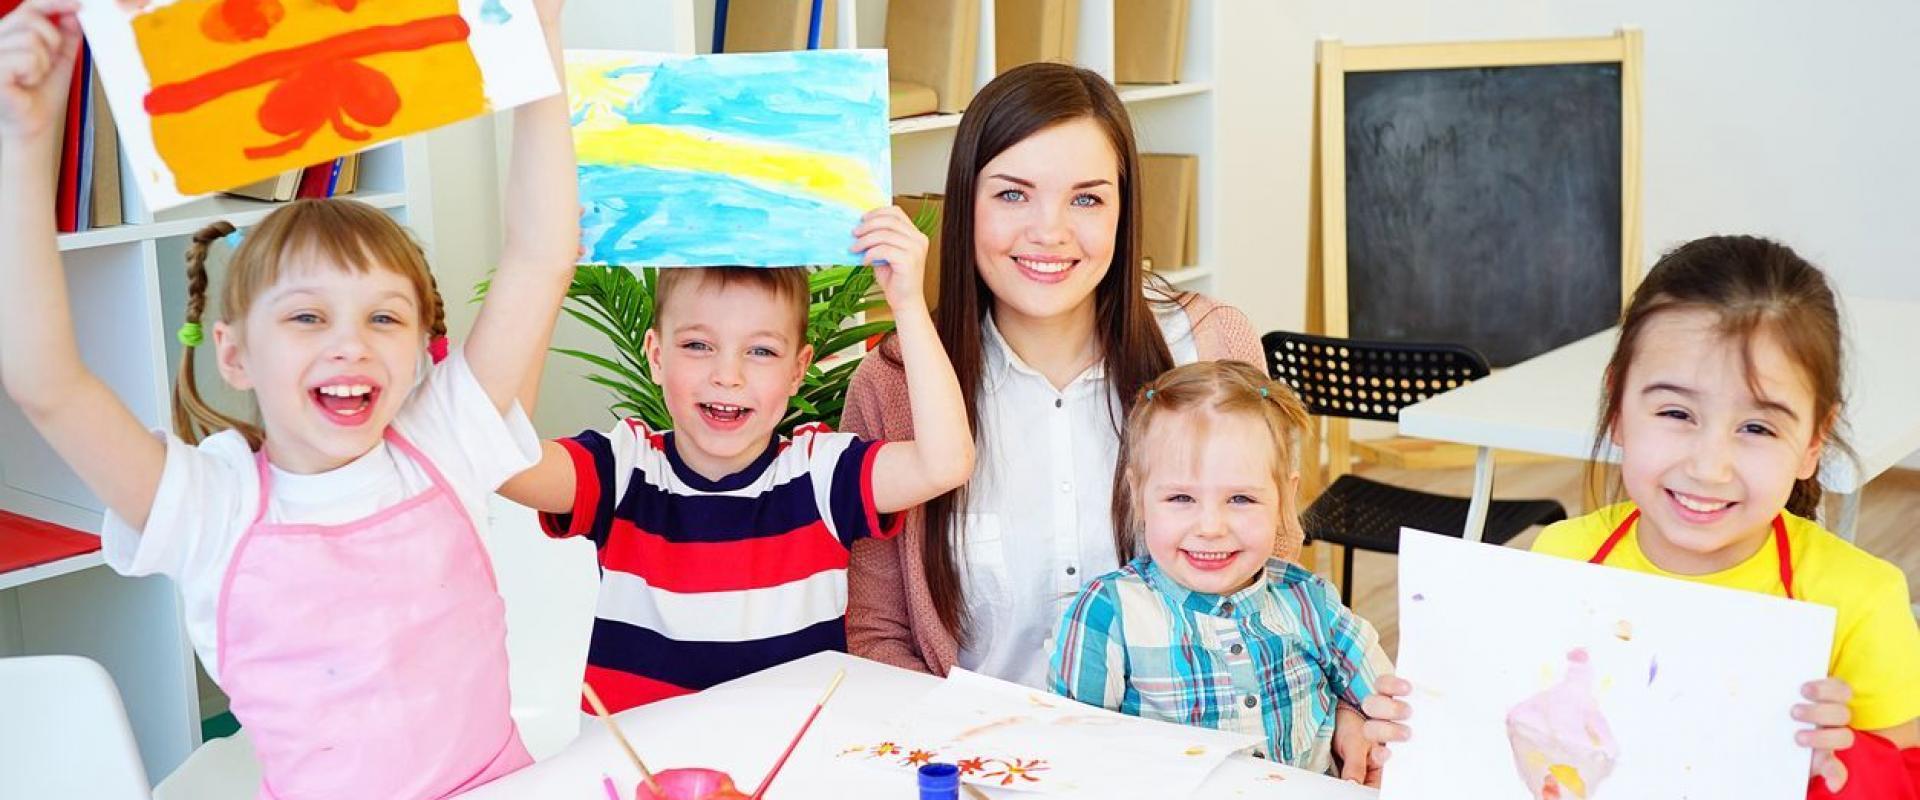 Childcare Center for Sale in Mackay CBD contact Lincoln Bridge